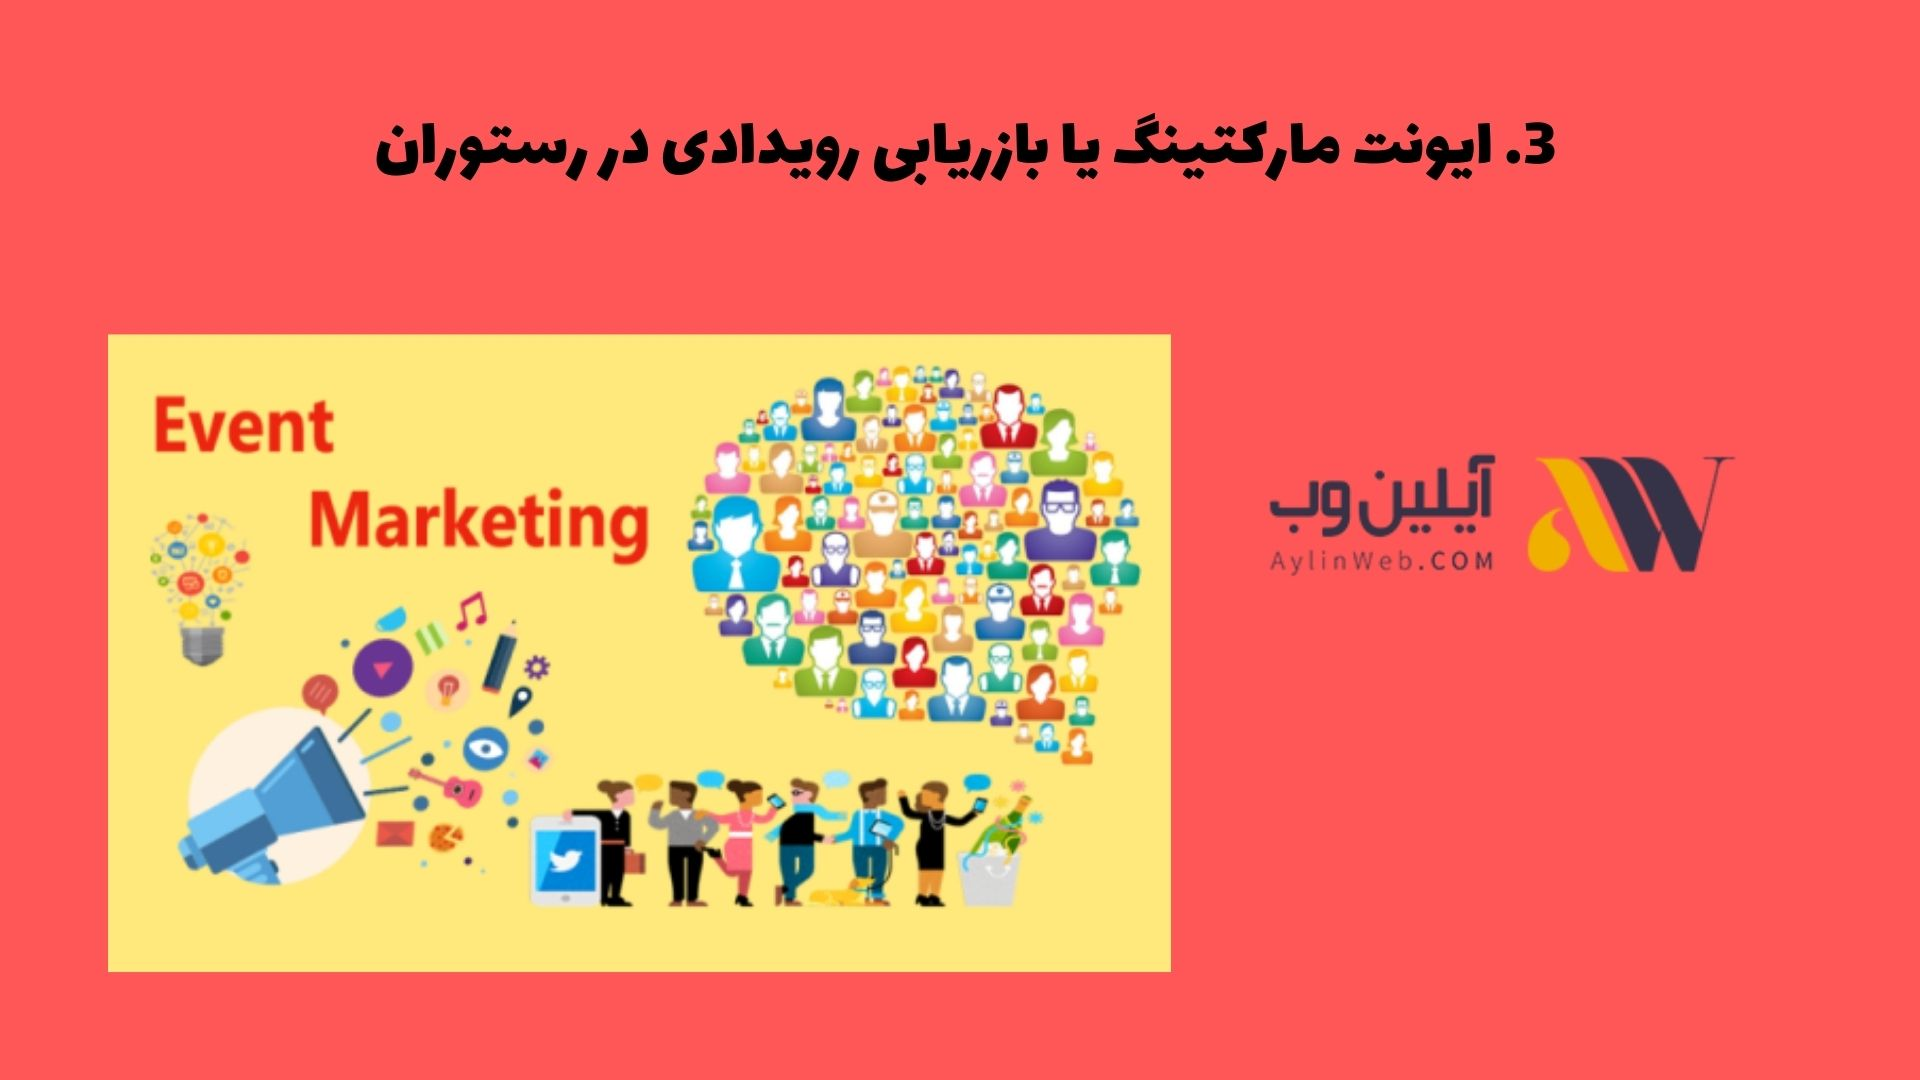 ایونت مارکتینگ یا بازاریابی رویدادی در رستوران